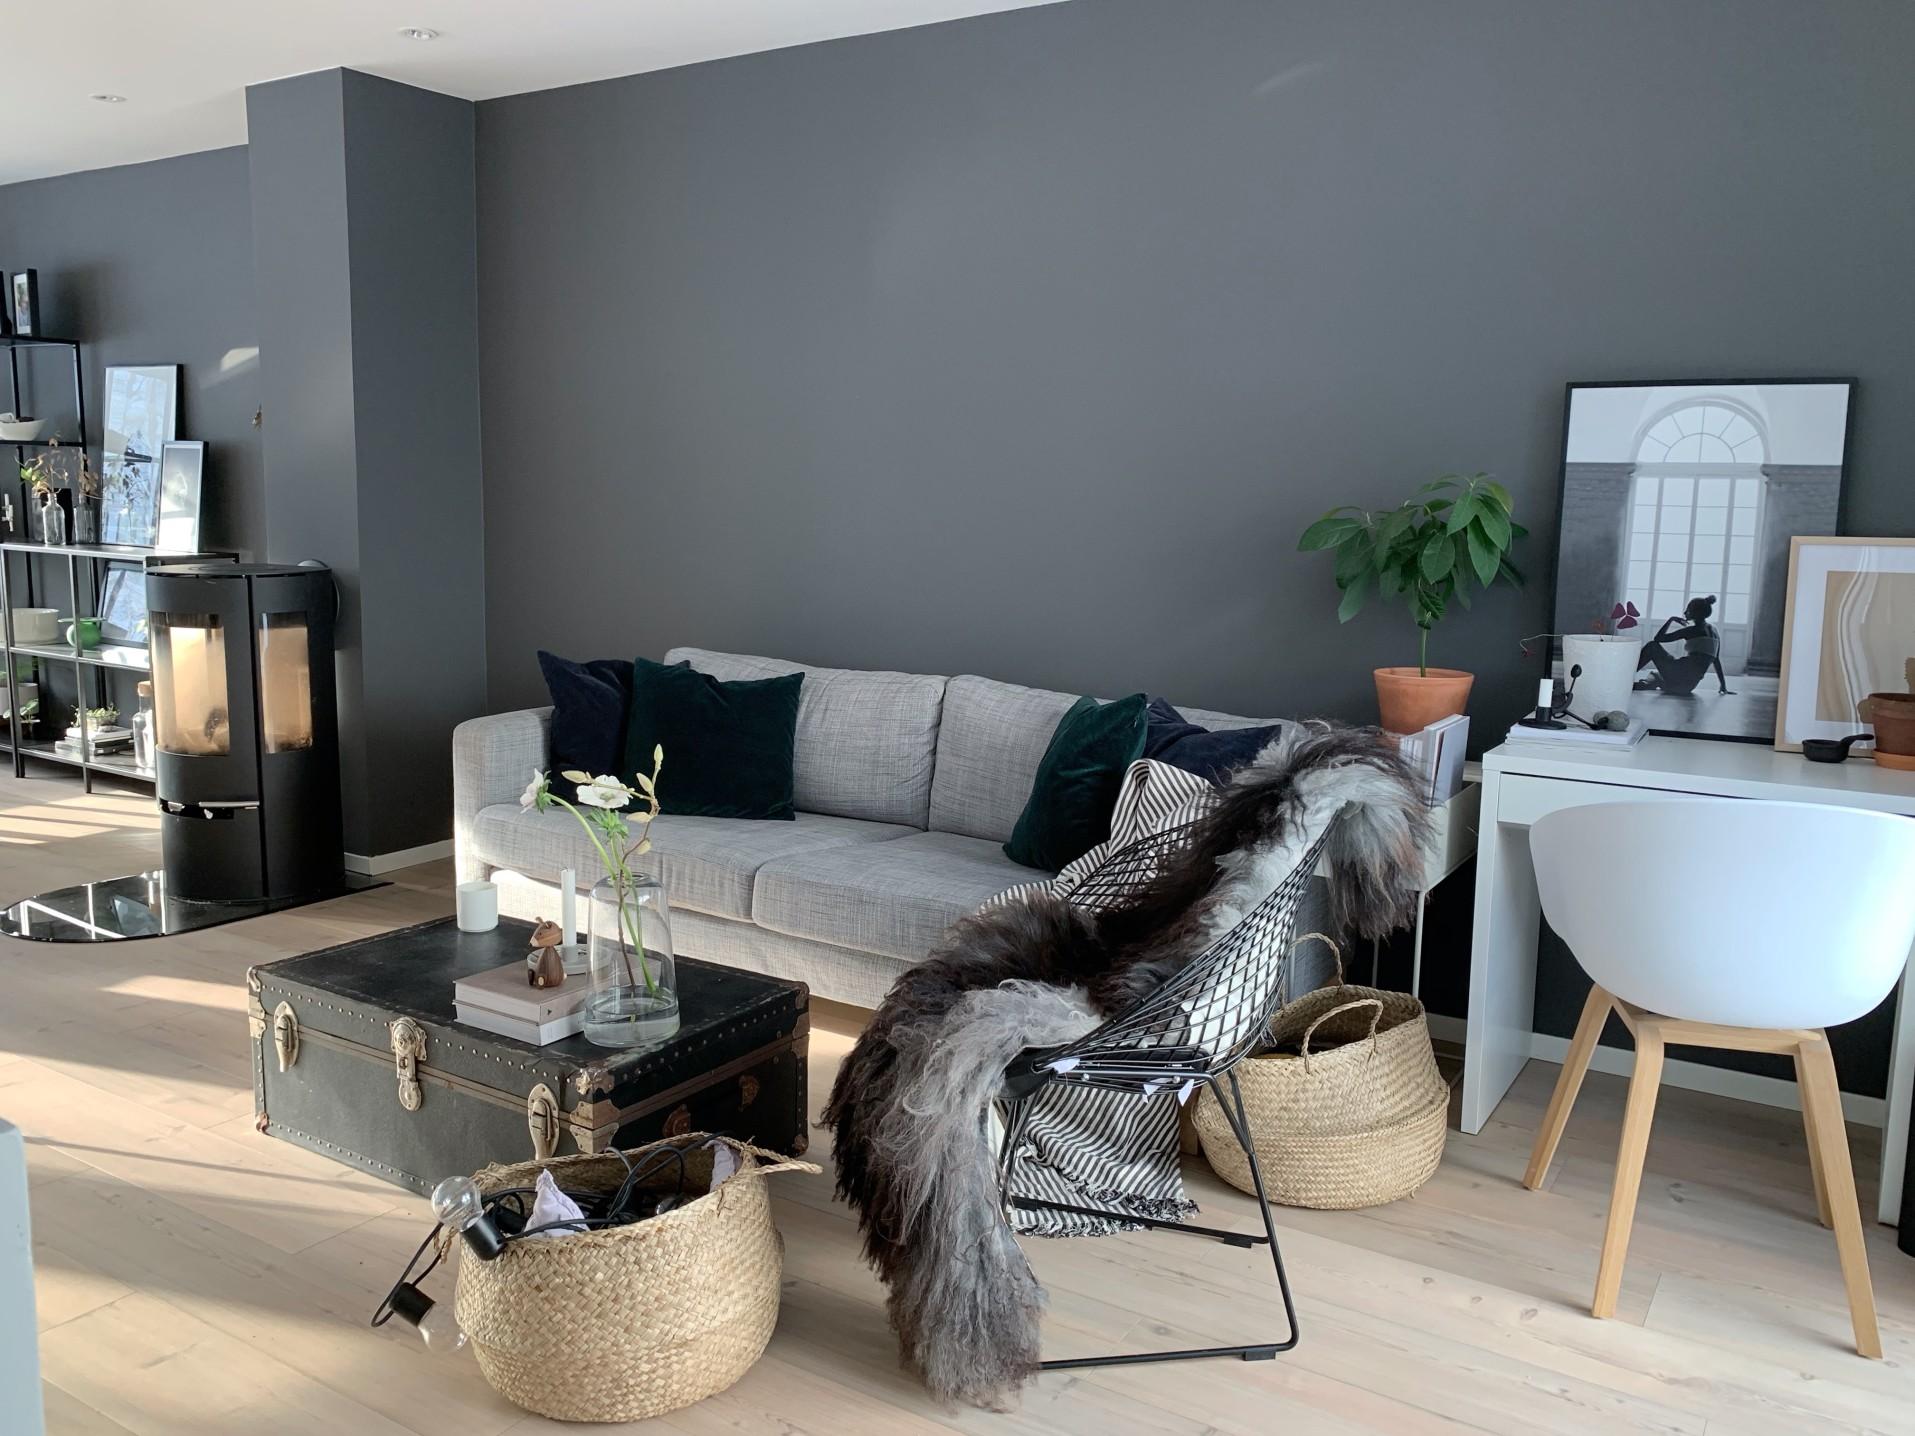 Décorer son salon, comment avoir une décoration parfaite ?